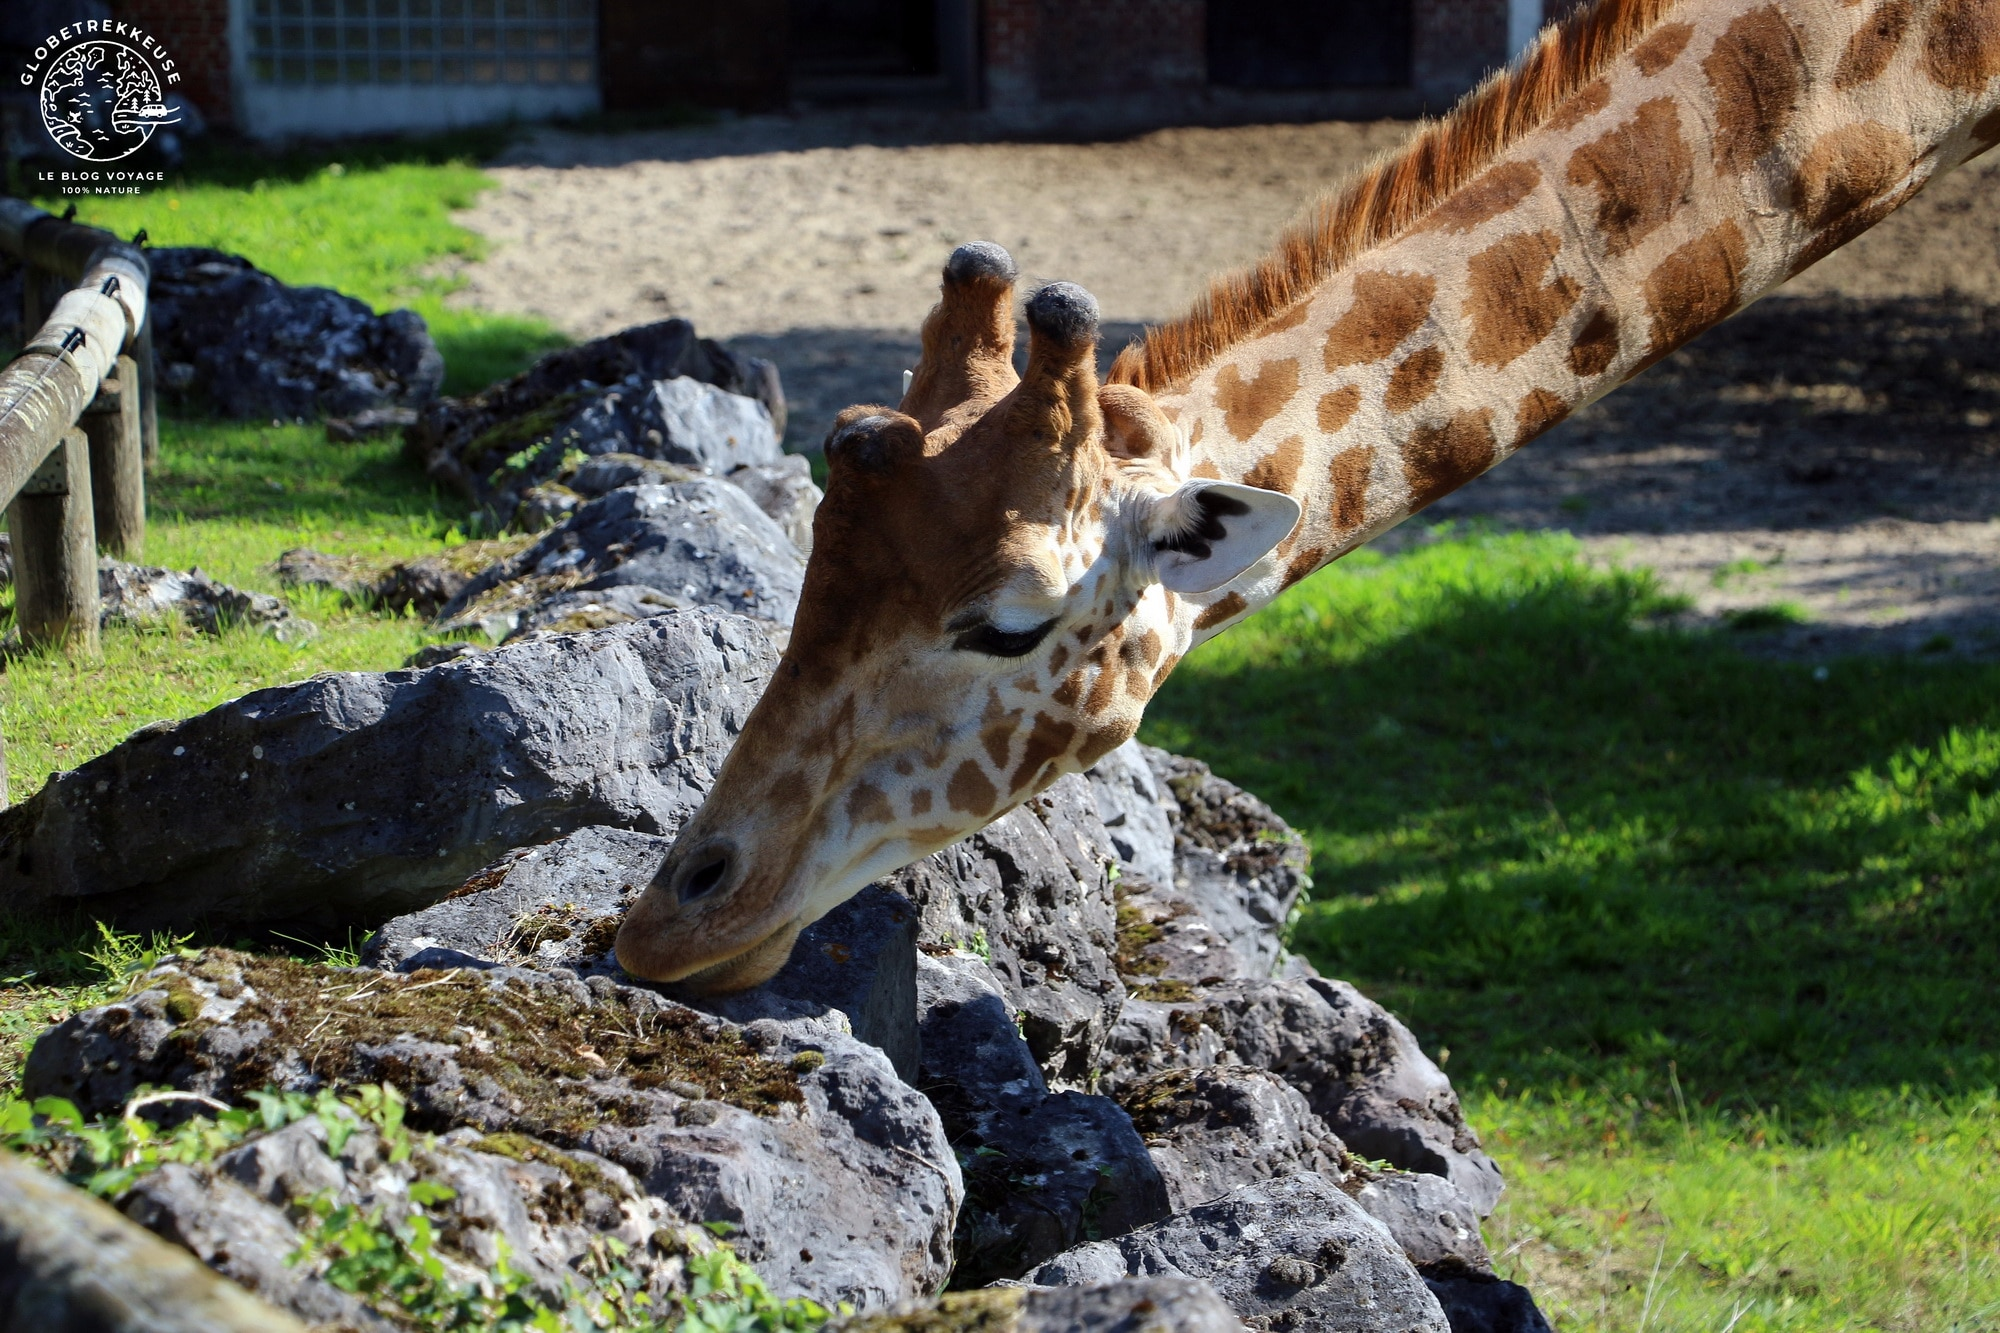 hauts-de-france maubeuge zoo